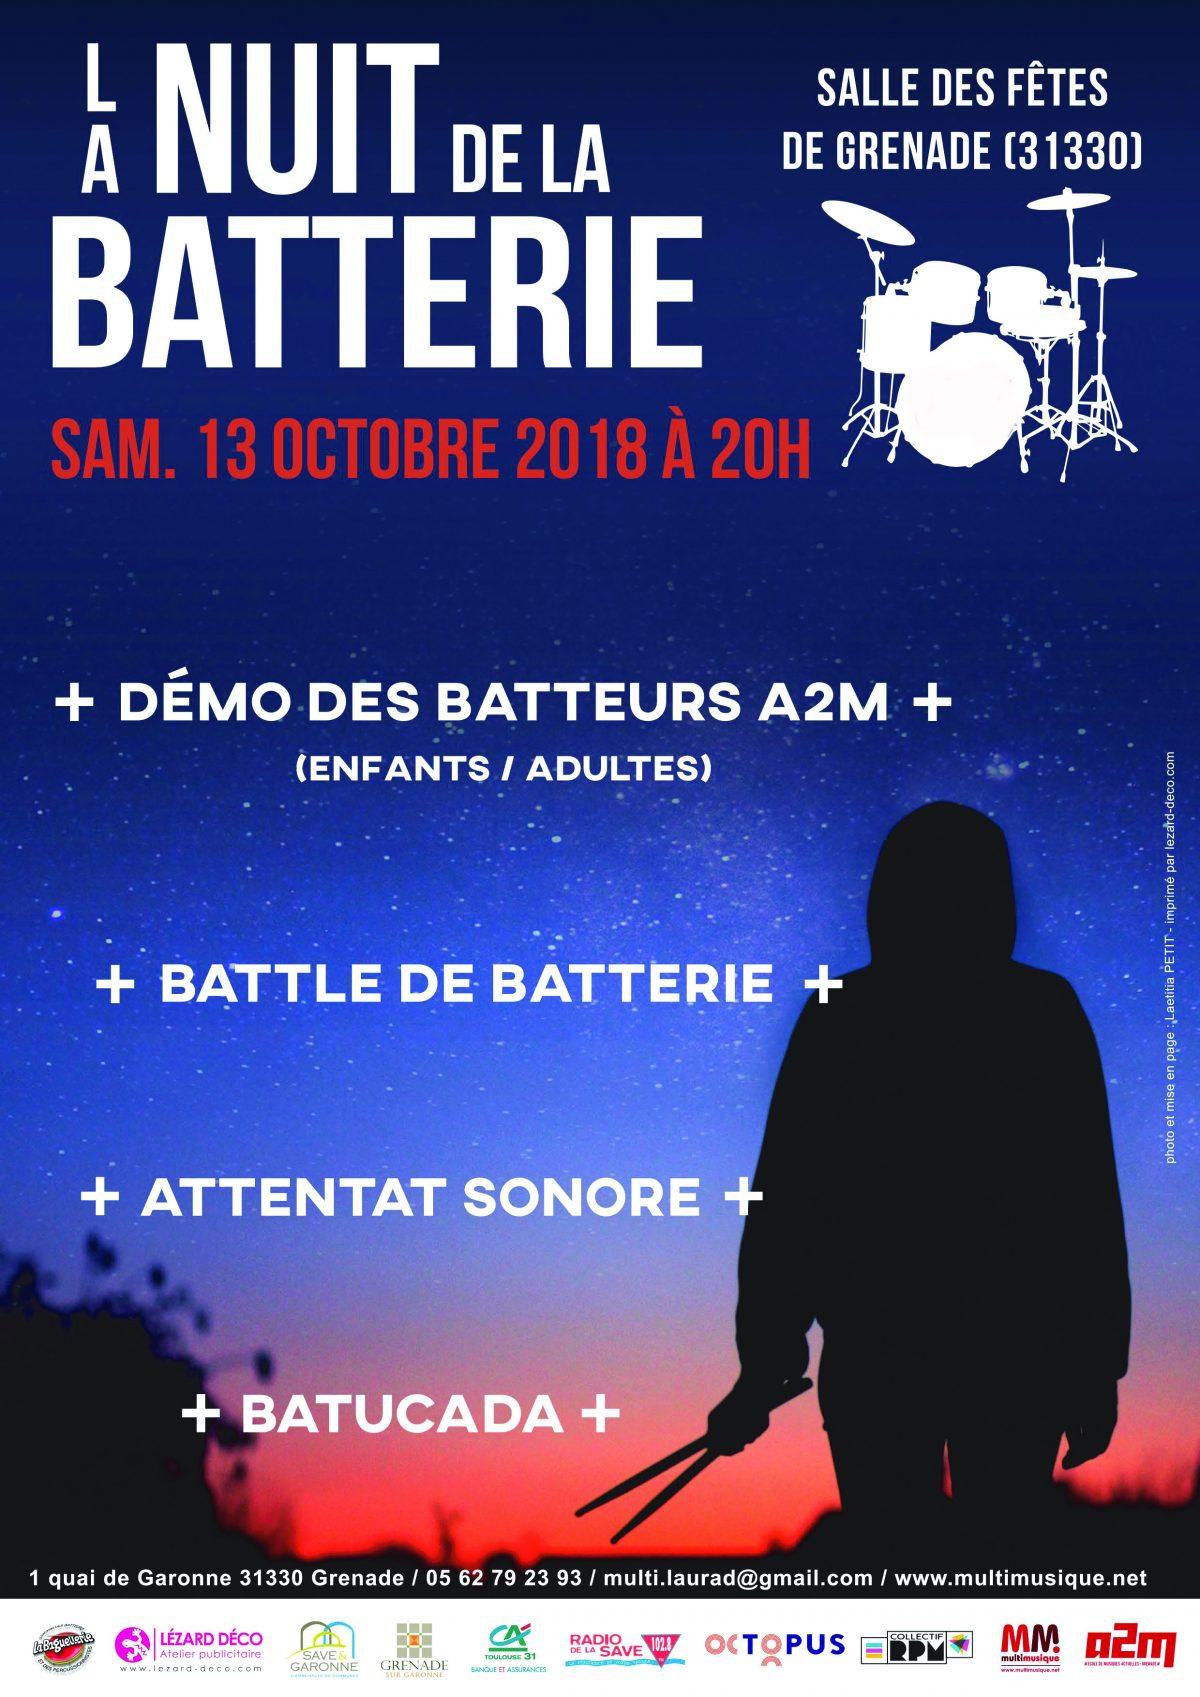 La Nuit de la Batterie